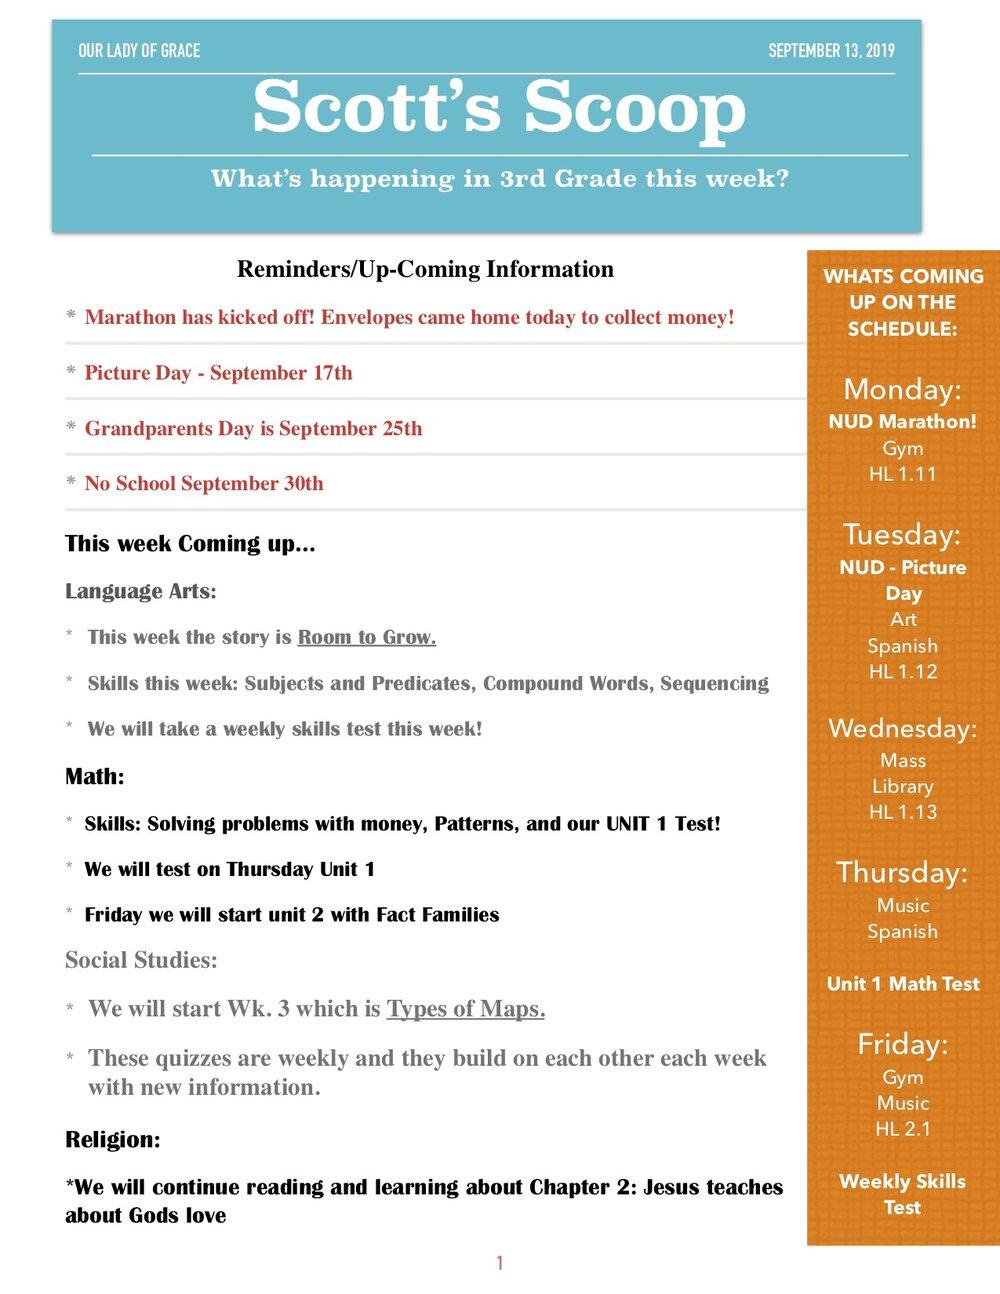 Newsletter 9.13.19 JPEG.jpg